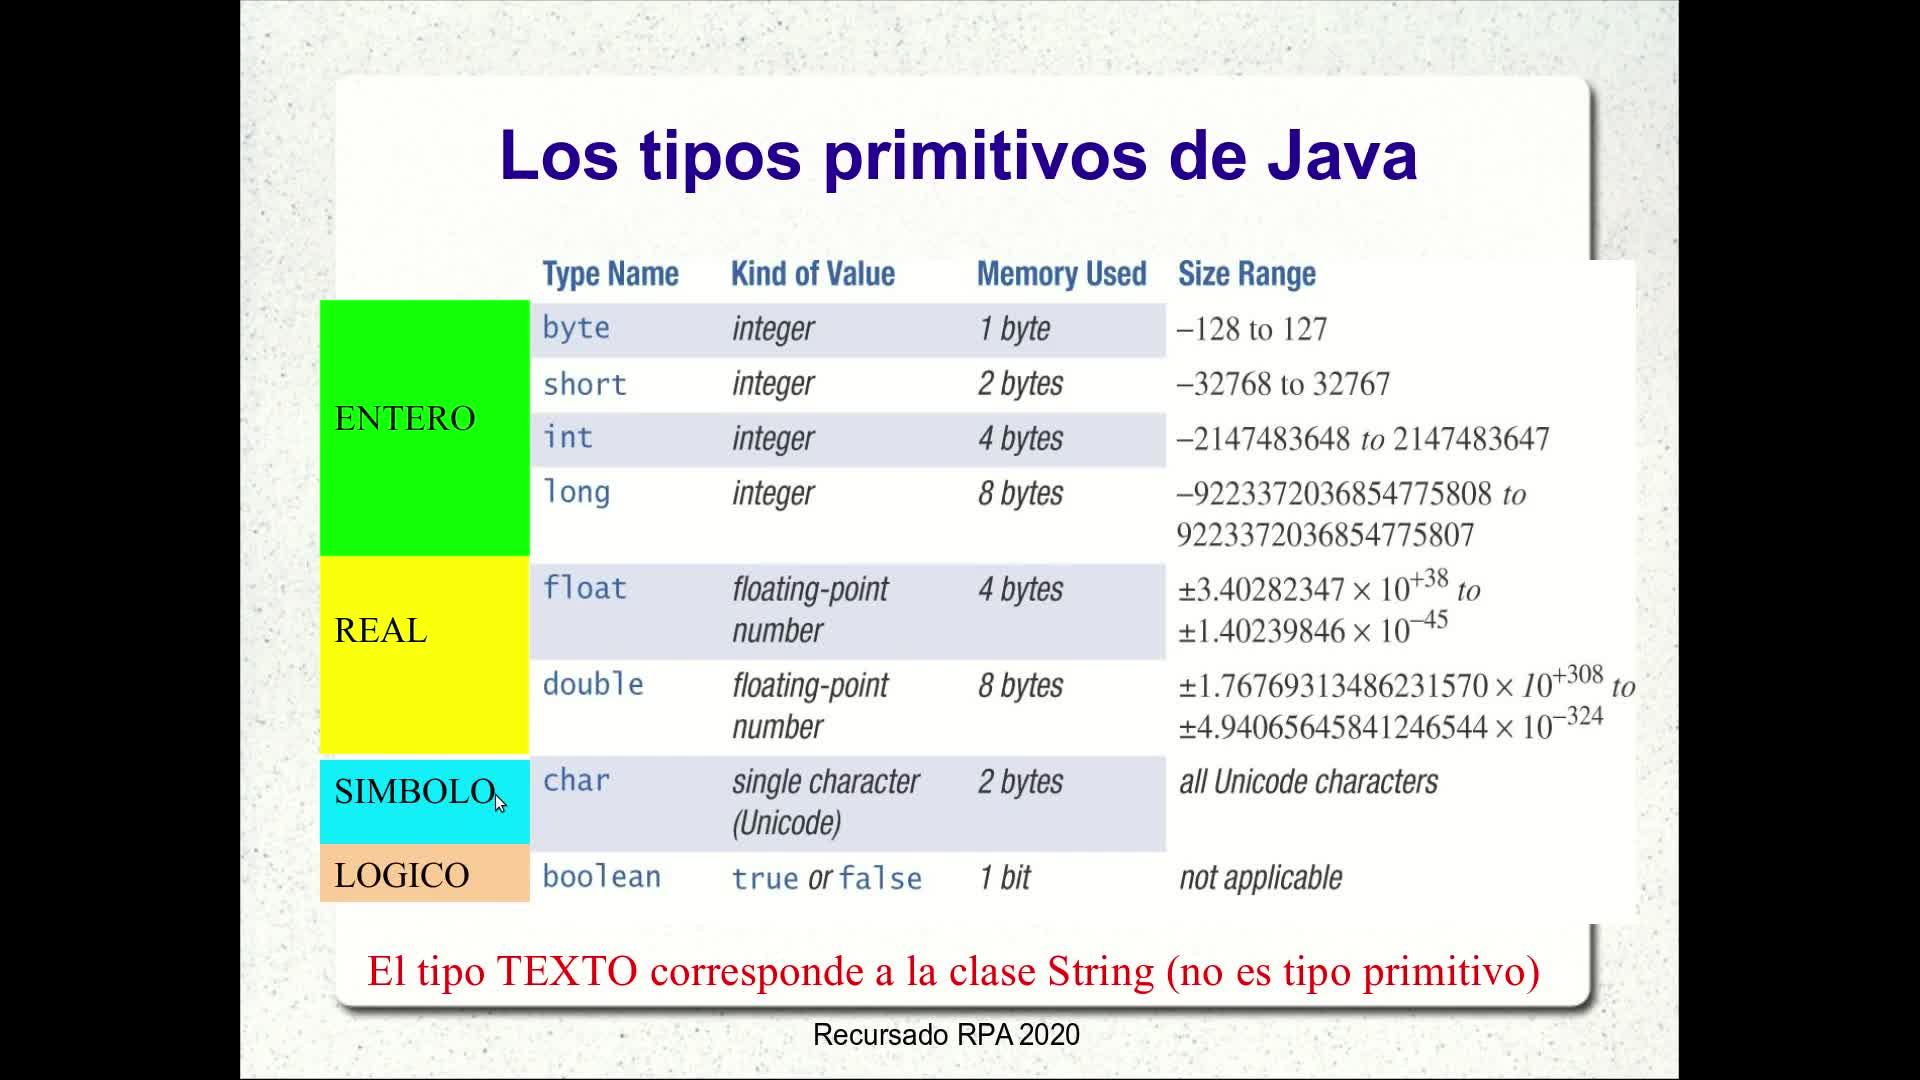 RPA - Video 2.6: Expresiones algebraicas y lógicas en Java